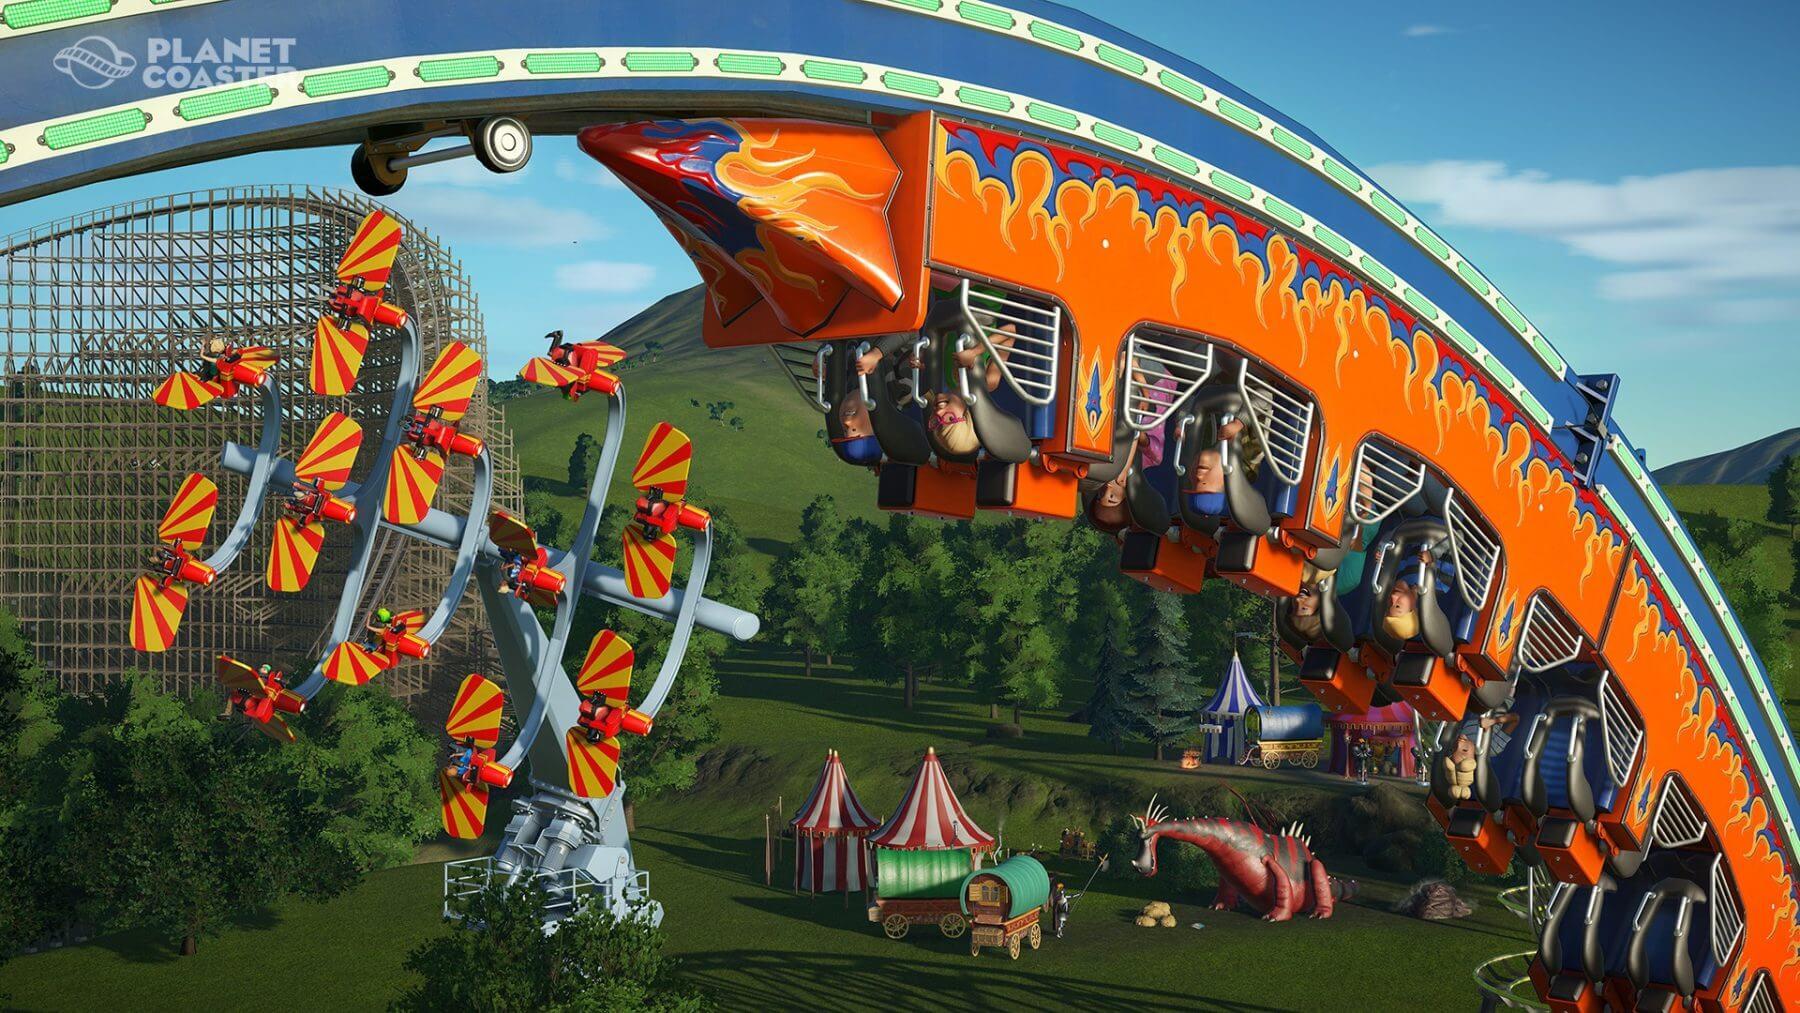 معاينة Game Planet Coaster ، تنزيل Planet Coaster ، Play Planet Coaster ، تنزيل Fit Girl Games Planet Coaster ، تنزيل الإصدار المضغوط من لعبة Planet Coaster ، تنزيل الإصدار الأخير من لعبة Planet Coaster ، رابط مباشر للعبة Planet Coaster ، Game Review Planet Coaster